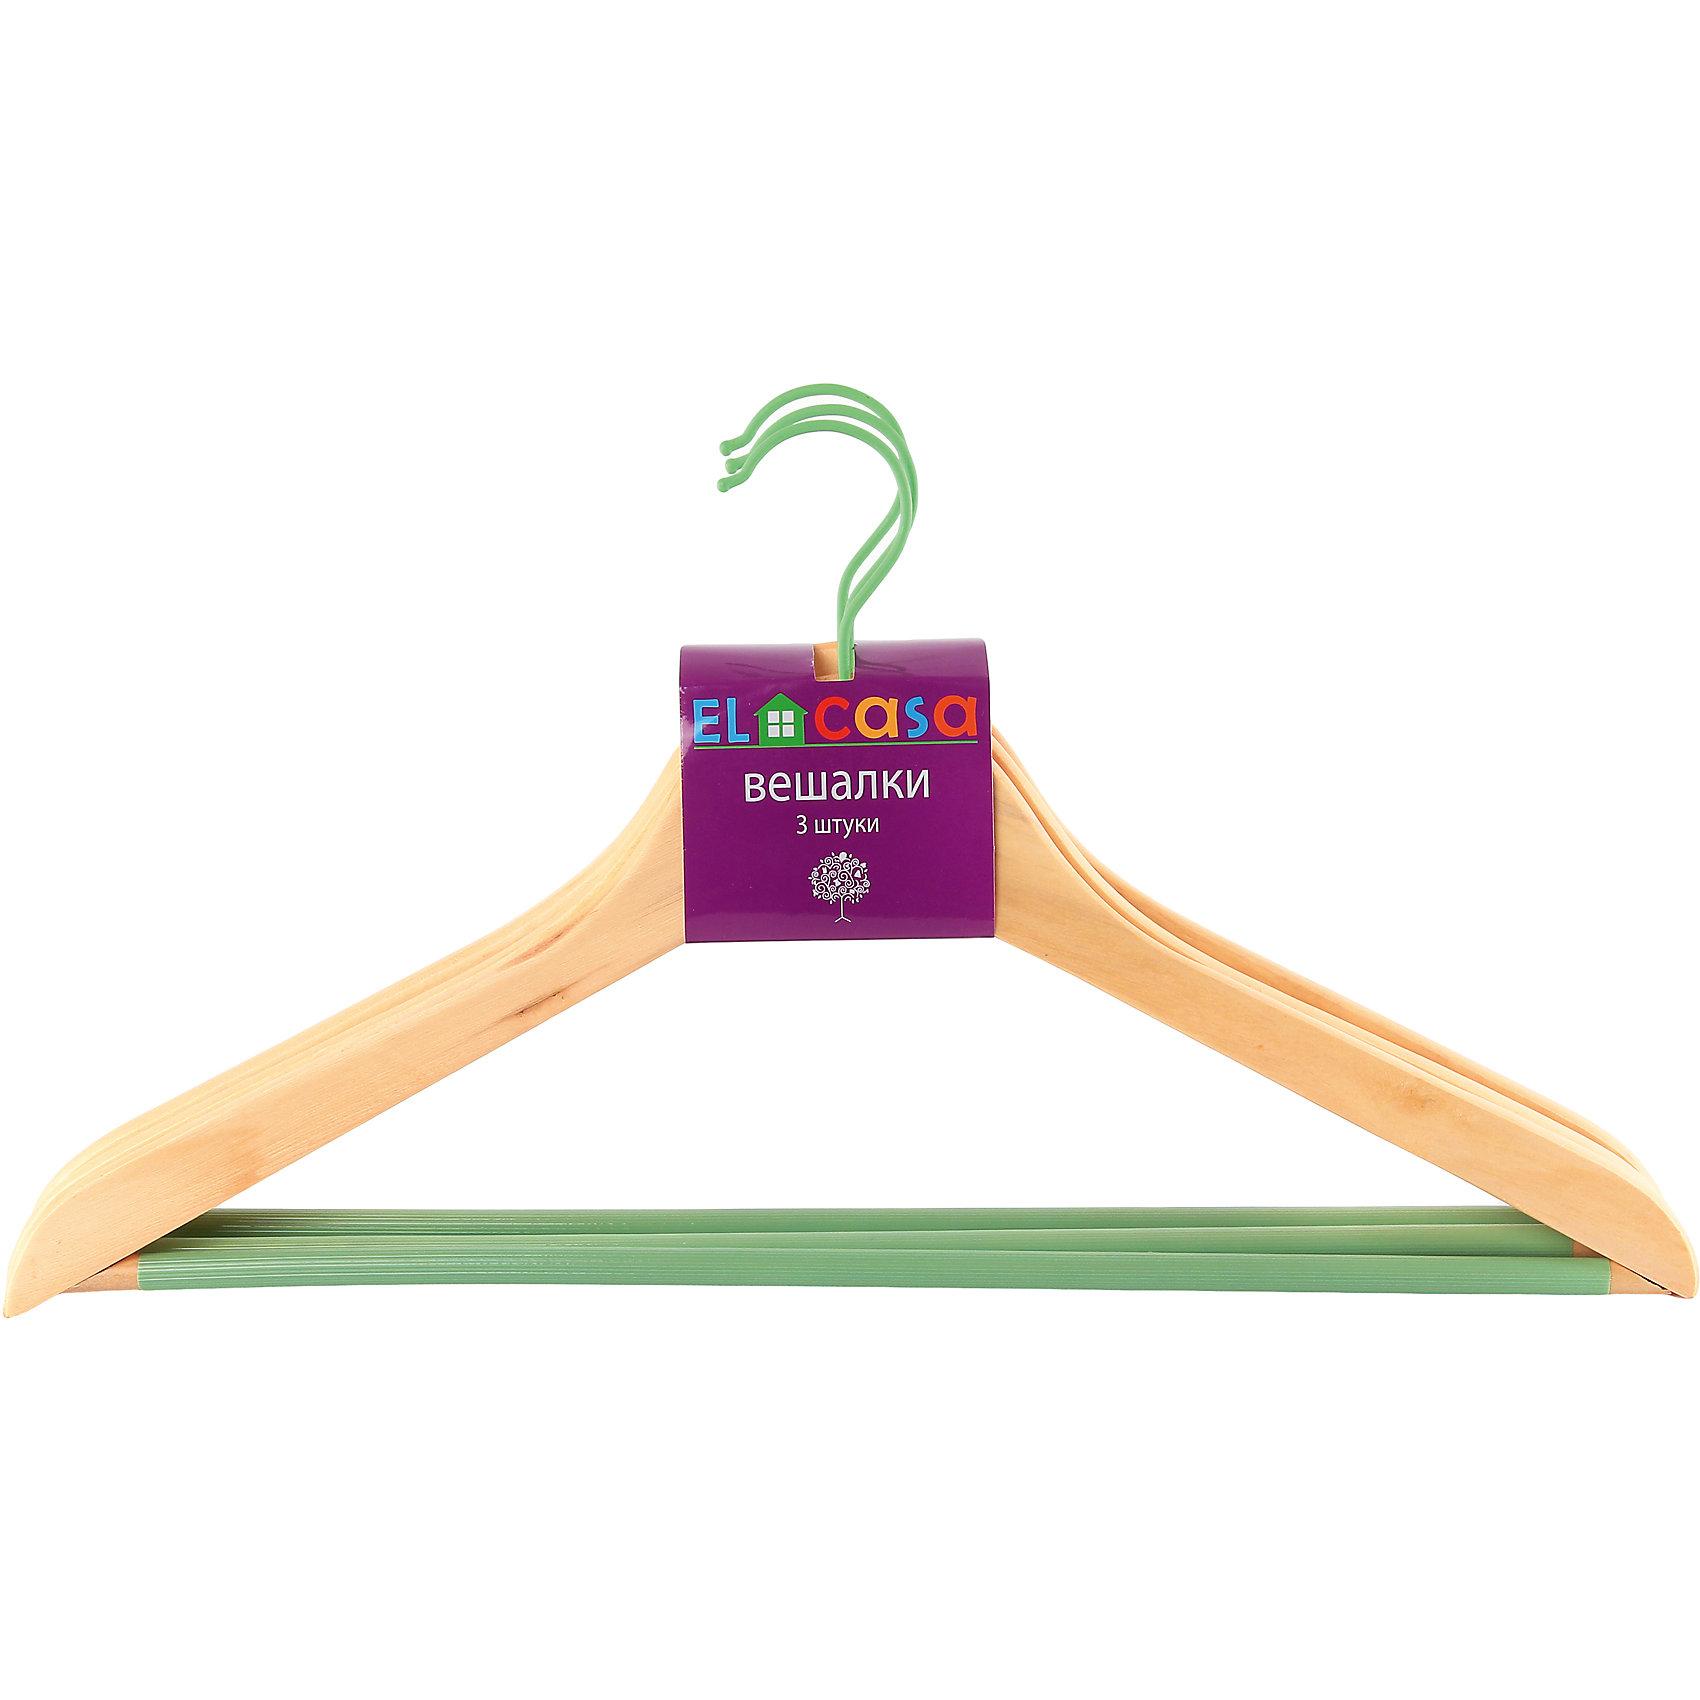 Вешалки 3 шт. 44,5*1,2*23 см. Дуб, зеленый, EL CasaПредметы интерьера<br>Характеристики товара:<br><br>• цвет: мульти<br>• материал: металл, дерево<br>• размер: 44х23х1 см<br>• вес: 400 г<br>• нагрузка: до 7 кг<br>• комплектация: 3 шт<br>• с нескользящей накладкой на перекладине<br>• прочные<br>• легкие<br>• универсальный размер<br>• страна бренда: Российская Федерация<br>• страна производства: Китай<br><br>Одежду необходимо не только правильно стирать, чистить, сушить, но и бережно хранить в шкафу - тогда она прослужит дольше и будет выглядеть красивее.<br><br>Такие вешалки отлично подходят для размещения разных вещей, в том числе и тяжелой верхней одежды: они прочные, с удобной конструкцией - так одежда будет держать правильную форму и не сминаться.<br><br>Бренд EL Casa - это красивые и практичные товары для дома с современным дизайном. Они добавляют в жильё уюта и комфорта! <br><br>Вешалки 3 шт. 44,5*1,2*23 см. Дуб, зеленый, EL Casa можно купить в нашем интернет-магазине.<br><br>Ширина мм: 445<br>Глубина мм: 35<br>Высота мм: 230<br>Вес г: 400<br>Возраст от месяцев: 0<br>Возраст до месяцев: 1188<br>Пол: Унисекс<br>Возраст: Детский<br>SKU: 6668636